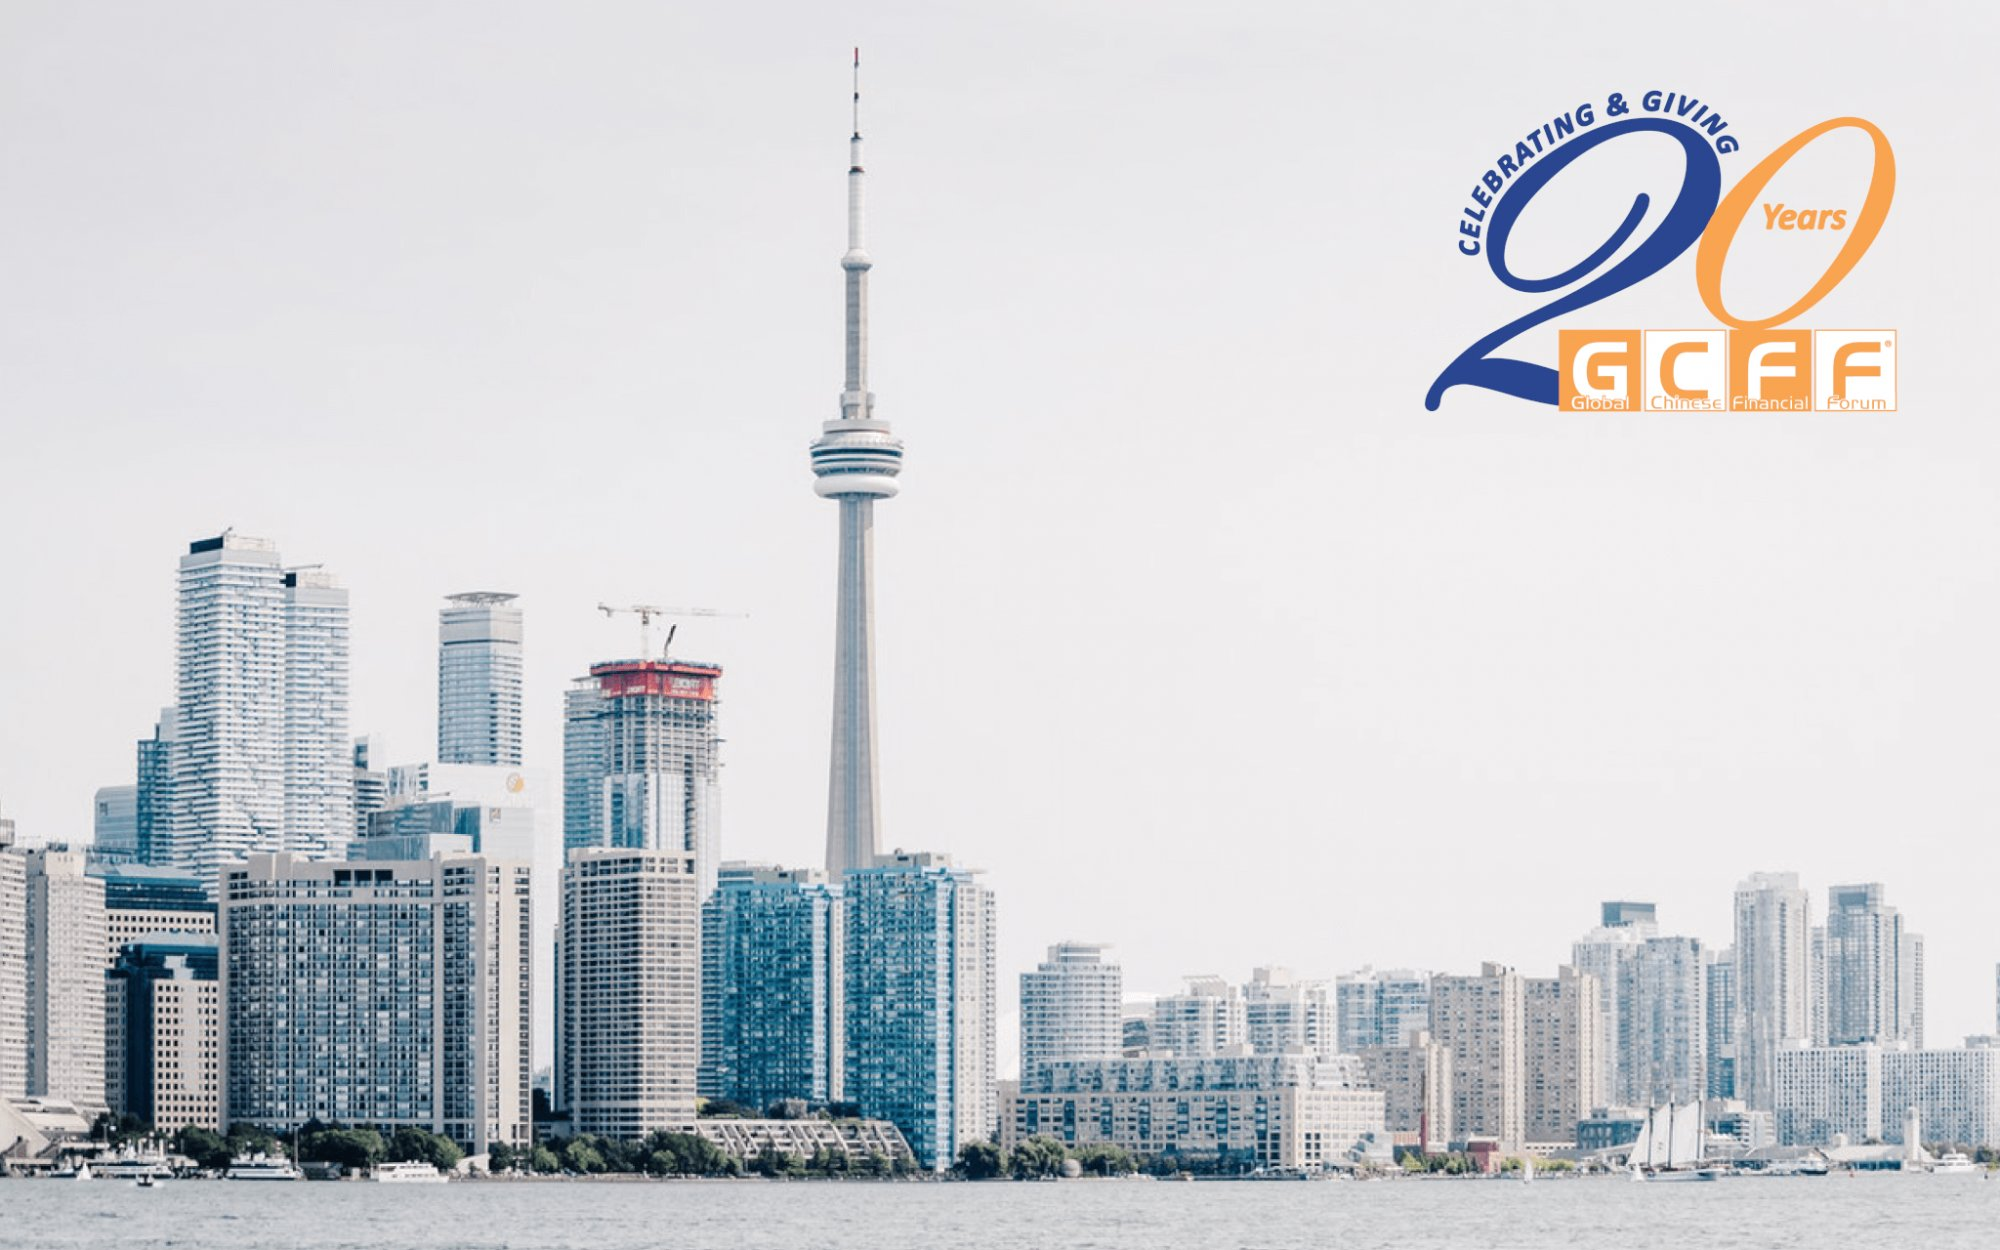 20th Annual GCFF Toronto Conference